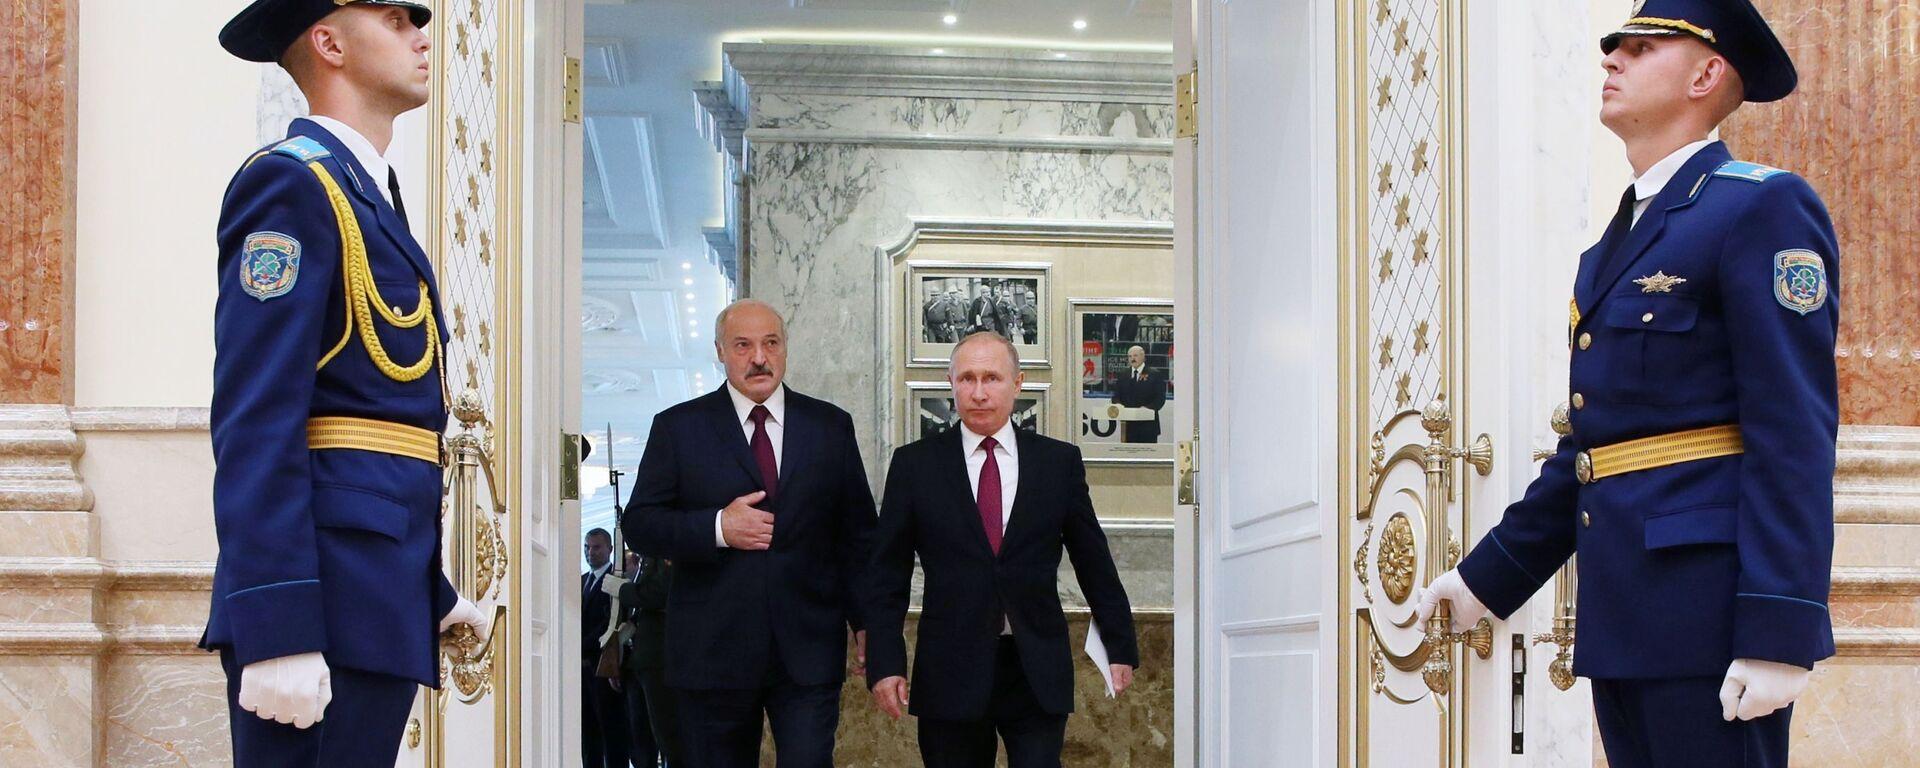 Prezydent Federacji Rosyjskiej Władimir Putin i prezydent Białorusi Aleksander Łukaszenko przed posiedzeniem Najwyższej Rady Państwowej Państwa Związkowego w Mińsku - Sputnik Polska, 1920, 12.07.2021